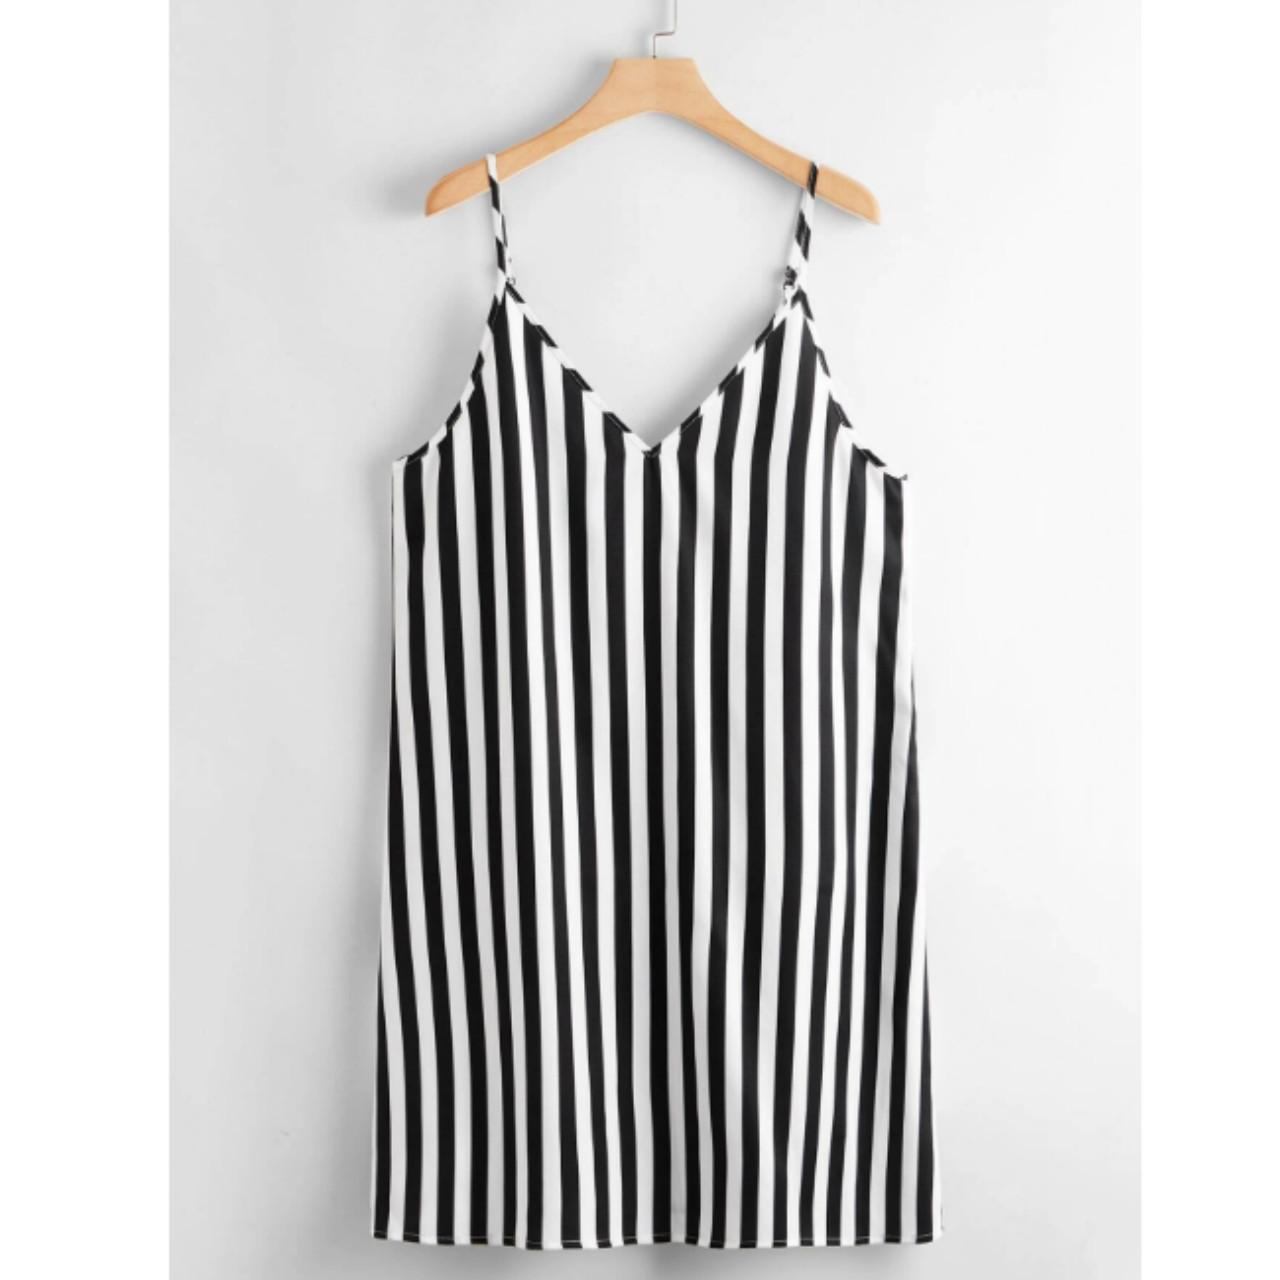 Plus two tone striped slip dress 3xl